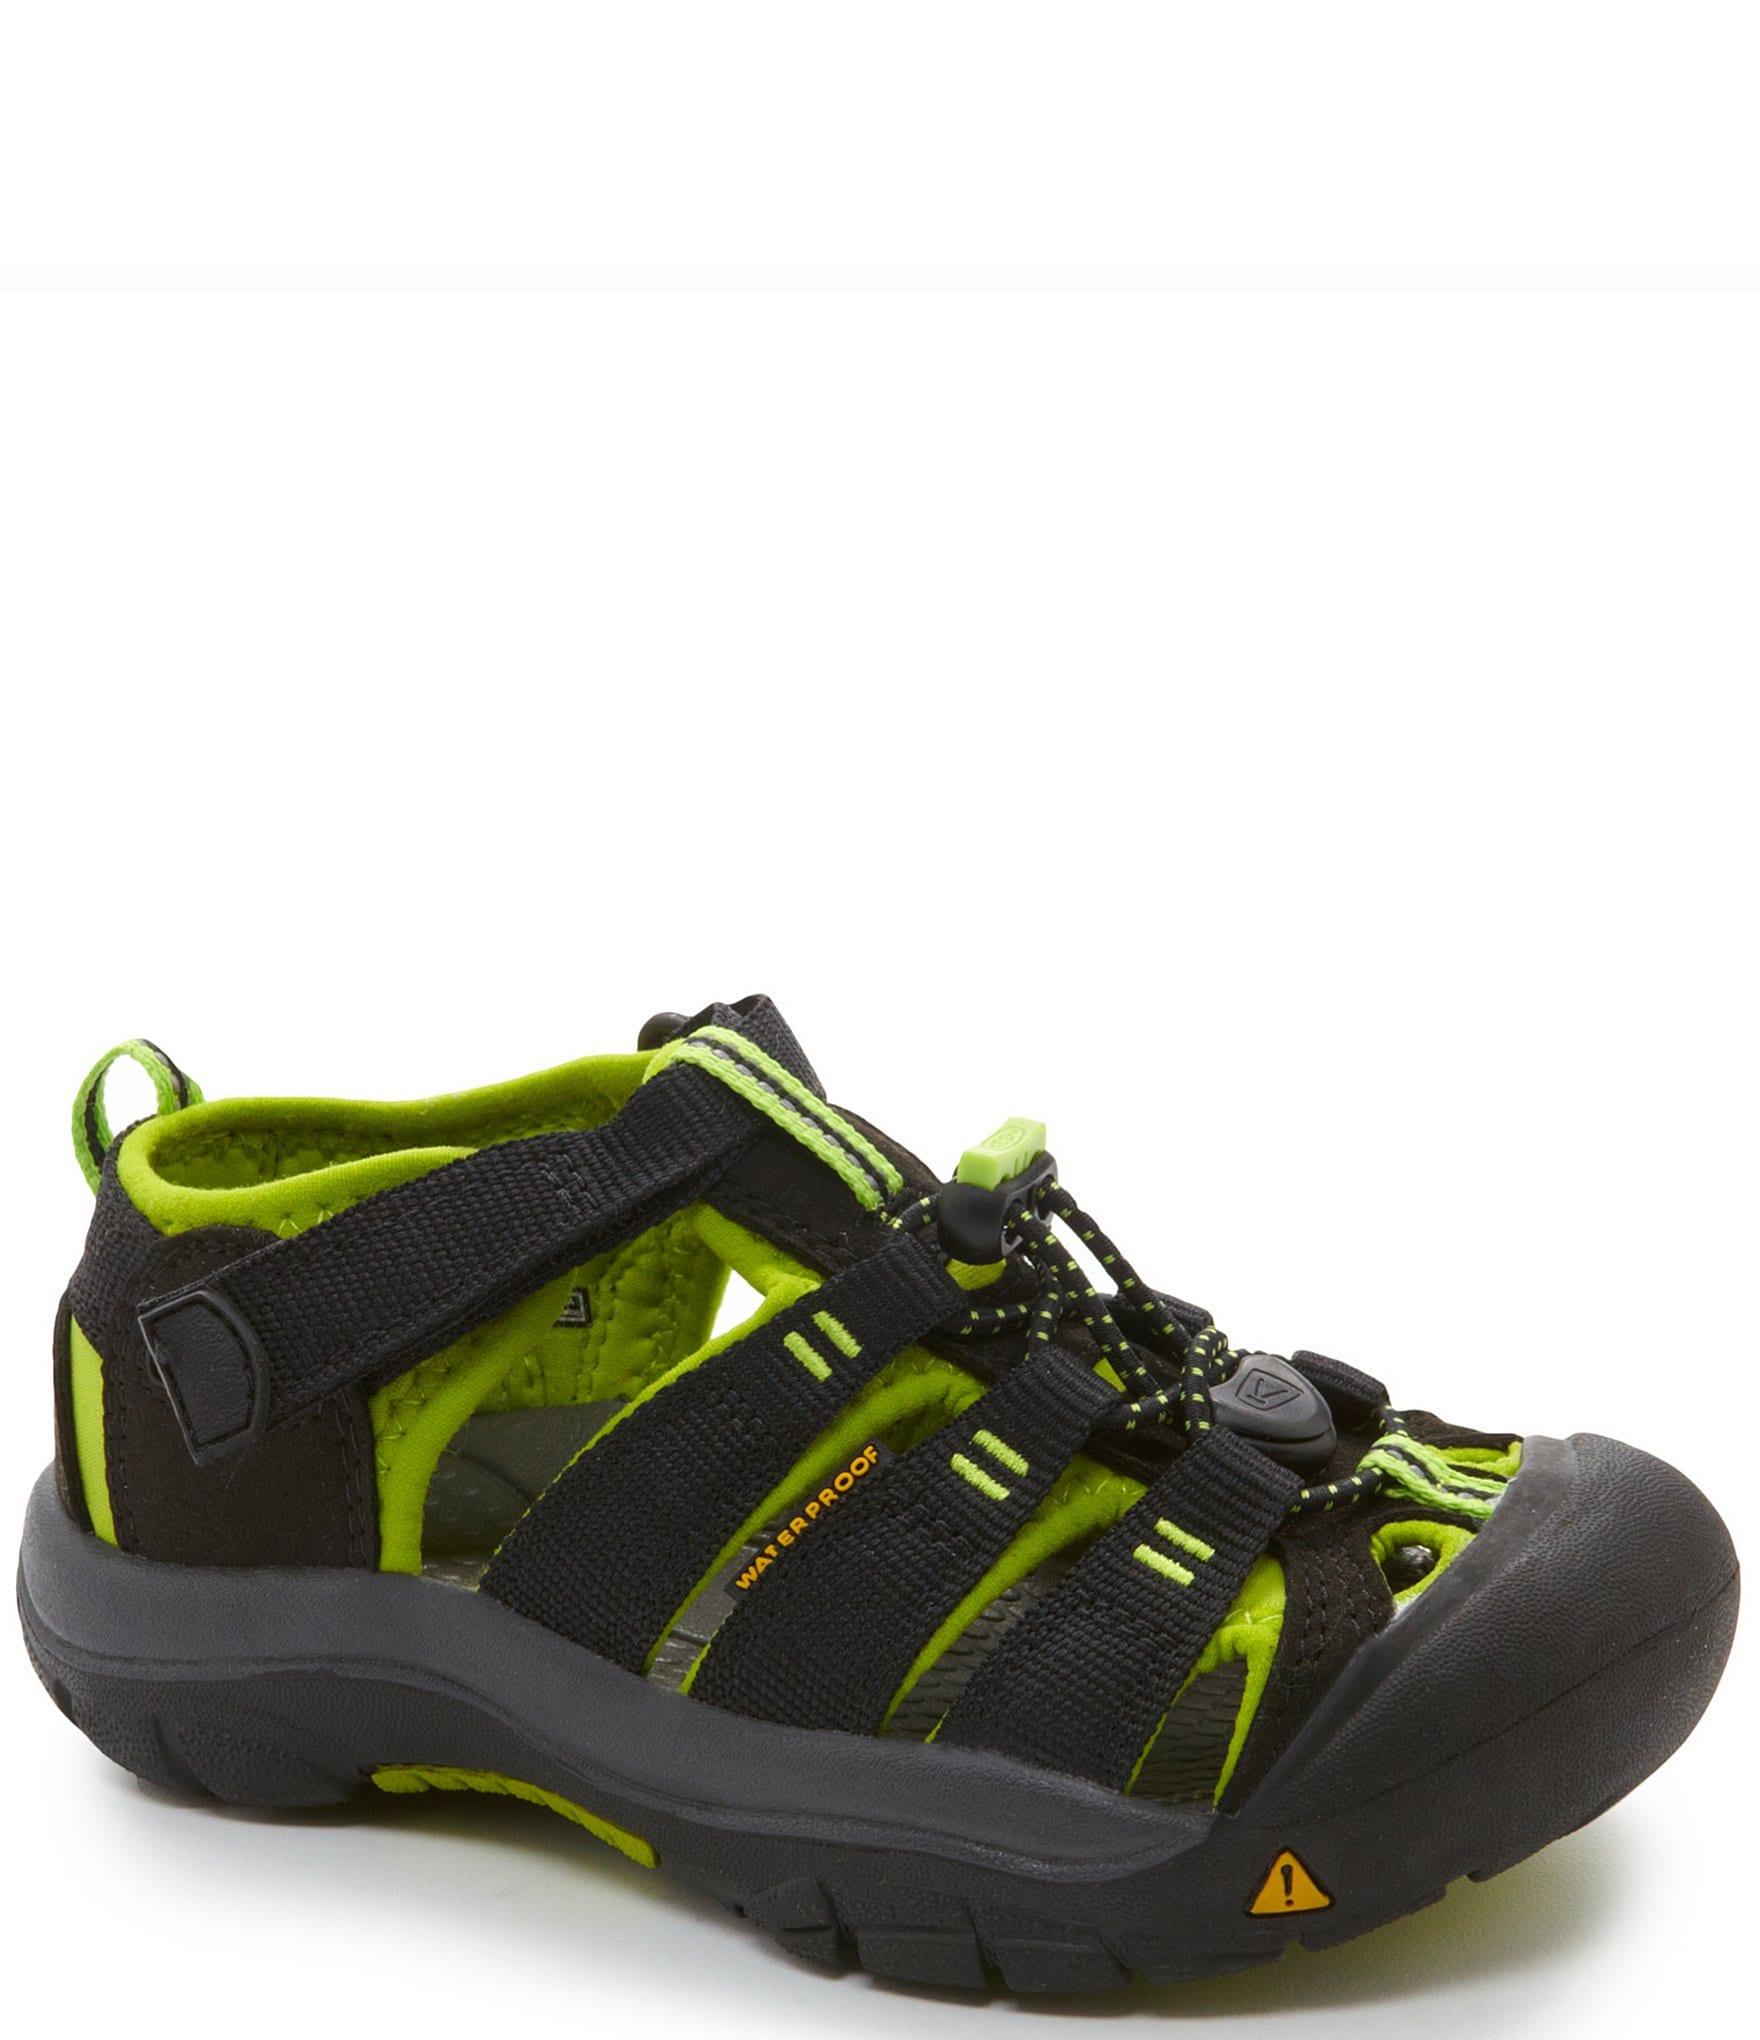 cb83d9678 Keen Shoes